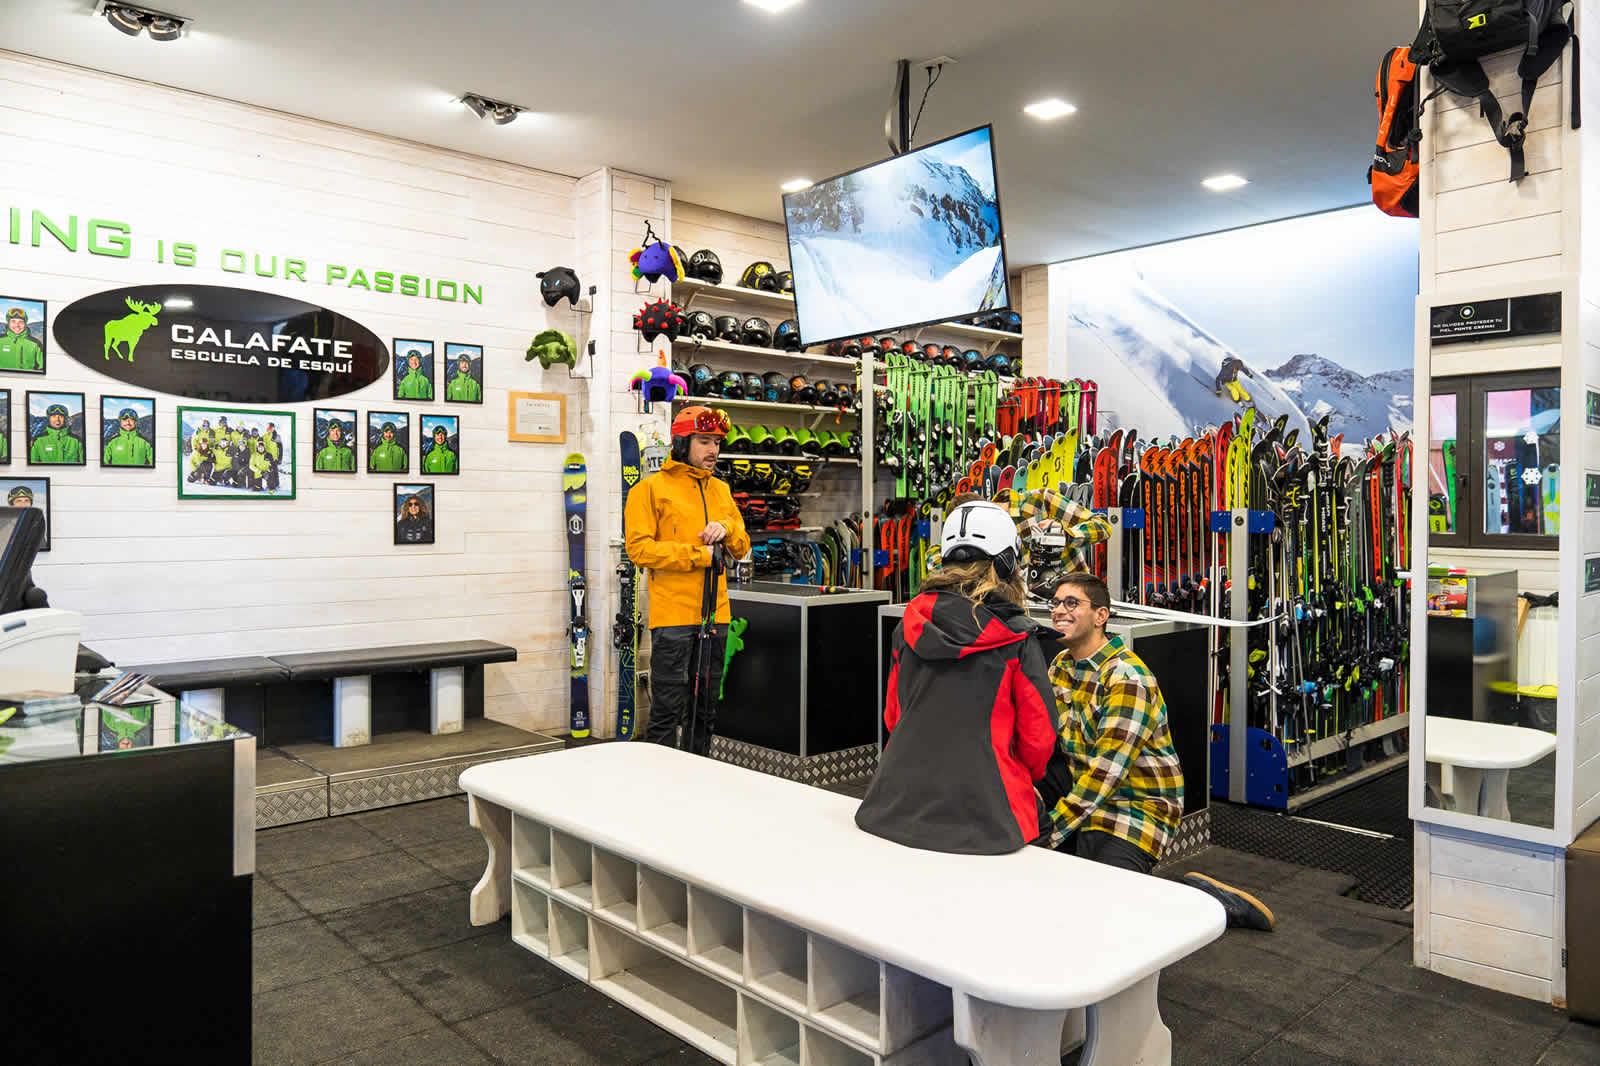 calafate-alquiler-ski-en-baqueira